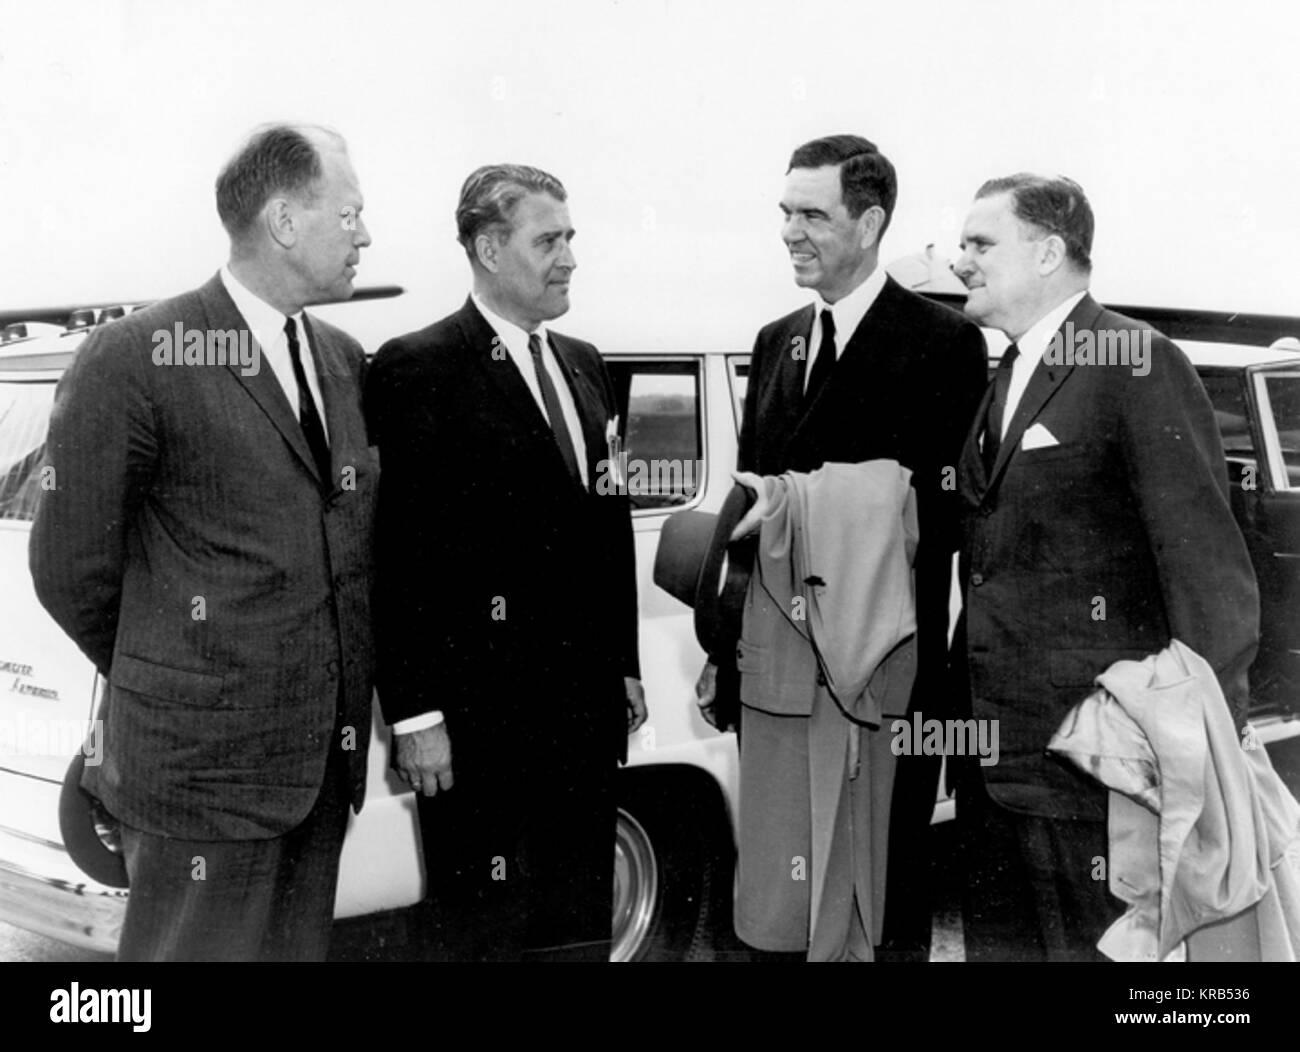 """Zwei US-Kongressabgeordnete, begleitet von NASA-Administrator James Edwin Webb, besuchte das Marshall Space Flight Center (LINKS) April 28, 1964, für eine BRFIEFING AUF DEM SATURN PROGRAMM UND EINE TOUR DURCH DIE EINRICHTUNGEN. Sie sind (von links nach rechts) KONGRESSABGEORDNETER GERALD FORD, jr., republikanische VERTRETER VON MICHIGAN; DR. WERNHER VON BRAUN, LINKS, Direktor; KONGRESSABGEORDNETEN GEORGE MAHON, demokratische Vertreter von Texas; UND HERR WEBB. DR. ROBERT SEAMANS, ADMINISTRATOR ASSOCIATE, WAR AUCH IN DER GRUPPE."""" VonBraunFordMahon Stockfoto"""